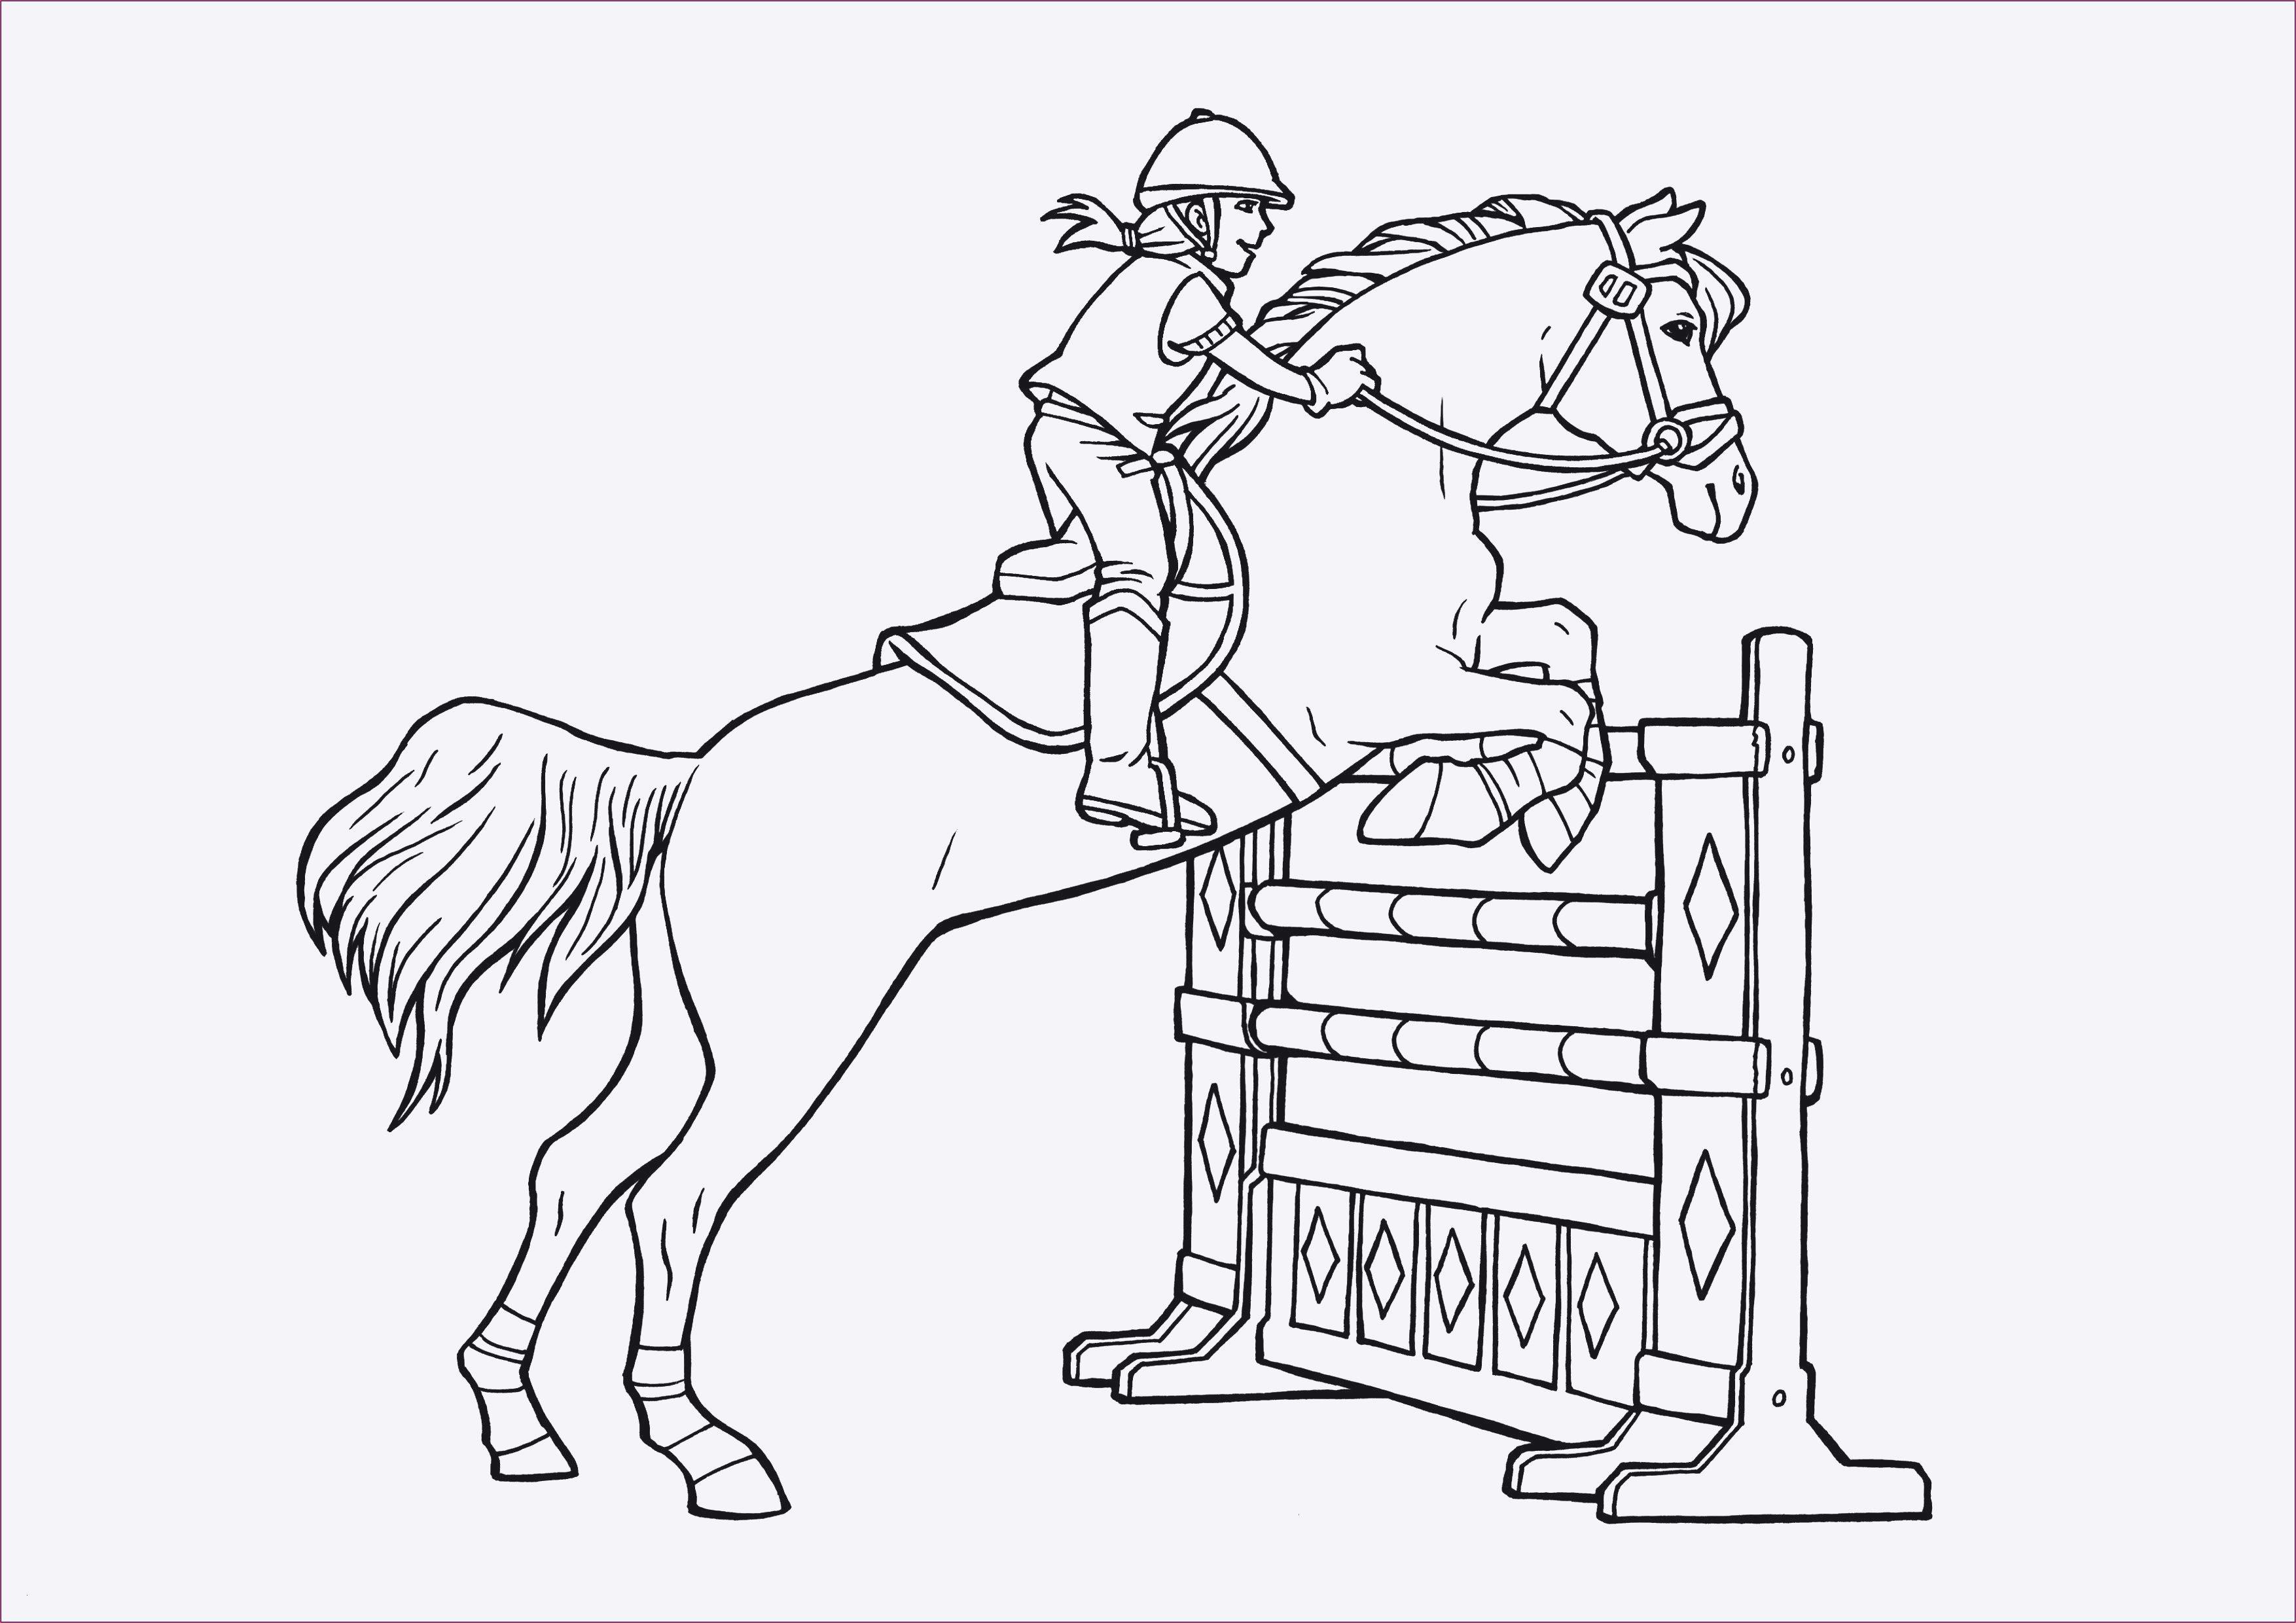 Ausmalbilder Von Bibi Und Tina Inspirierend Ausmalbilder Pferde Mit Madchen Genial Malvorlagen Bibi Und Tina Mit Bilder